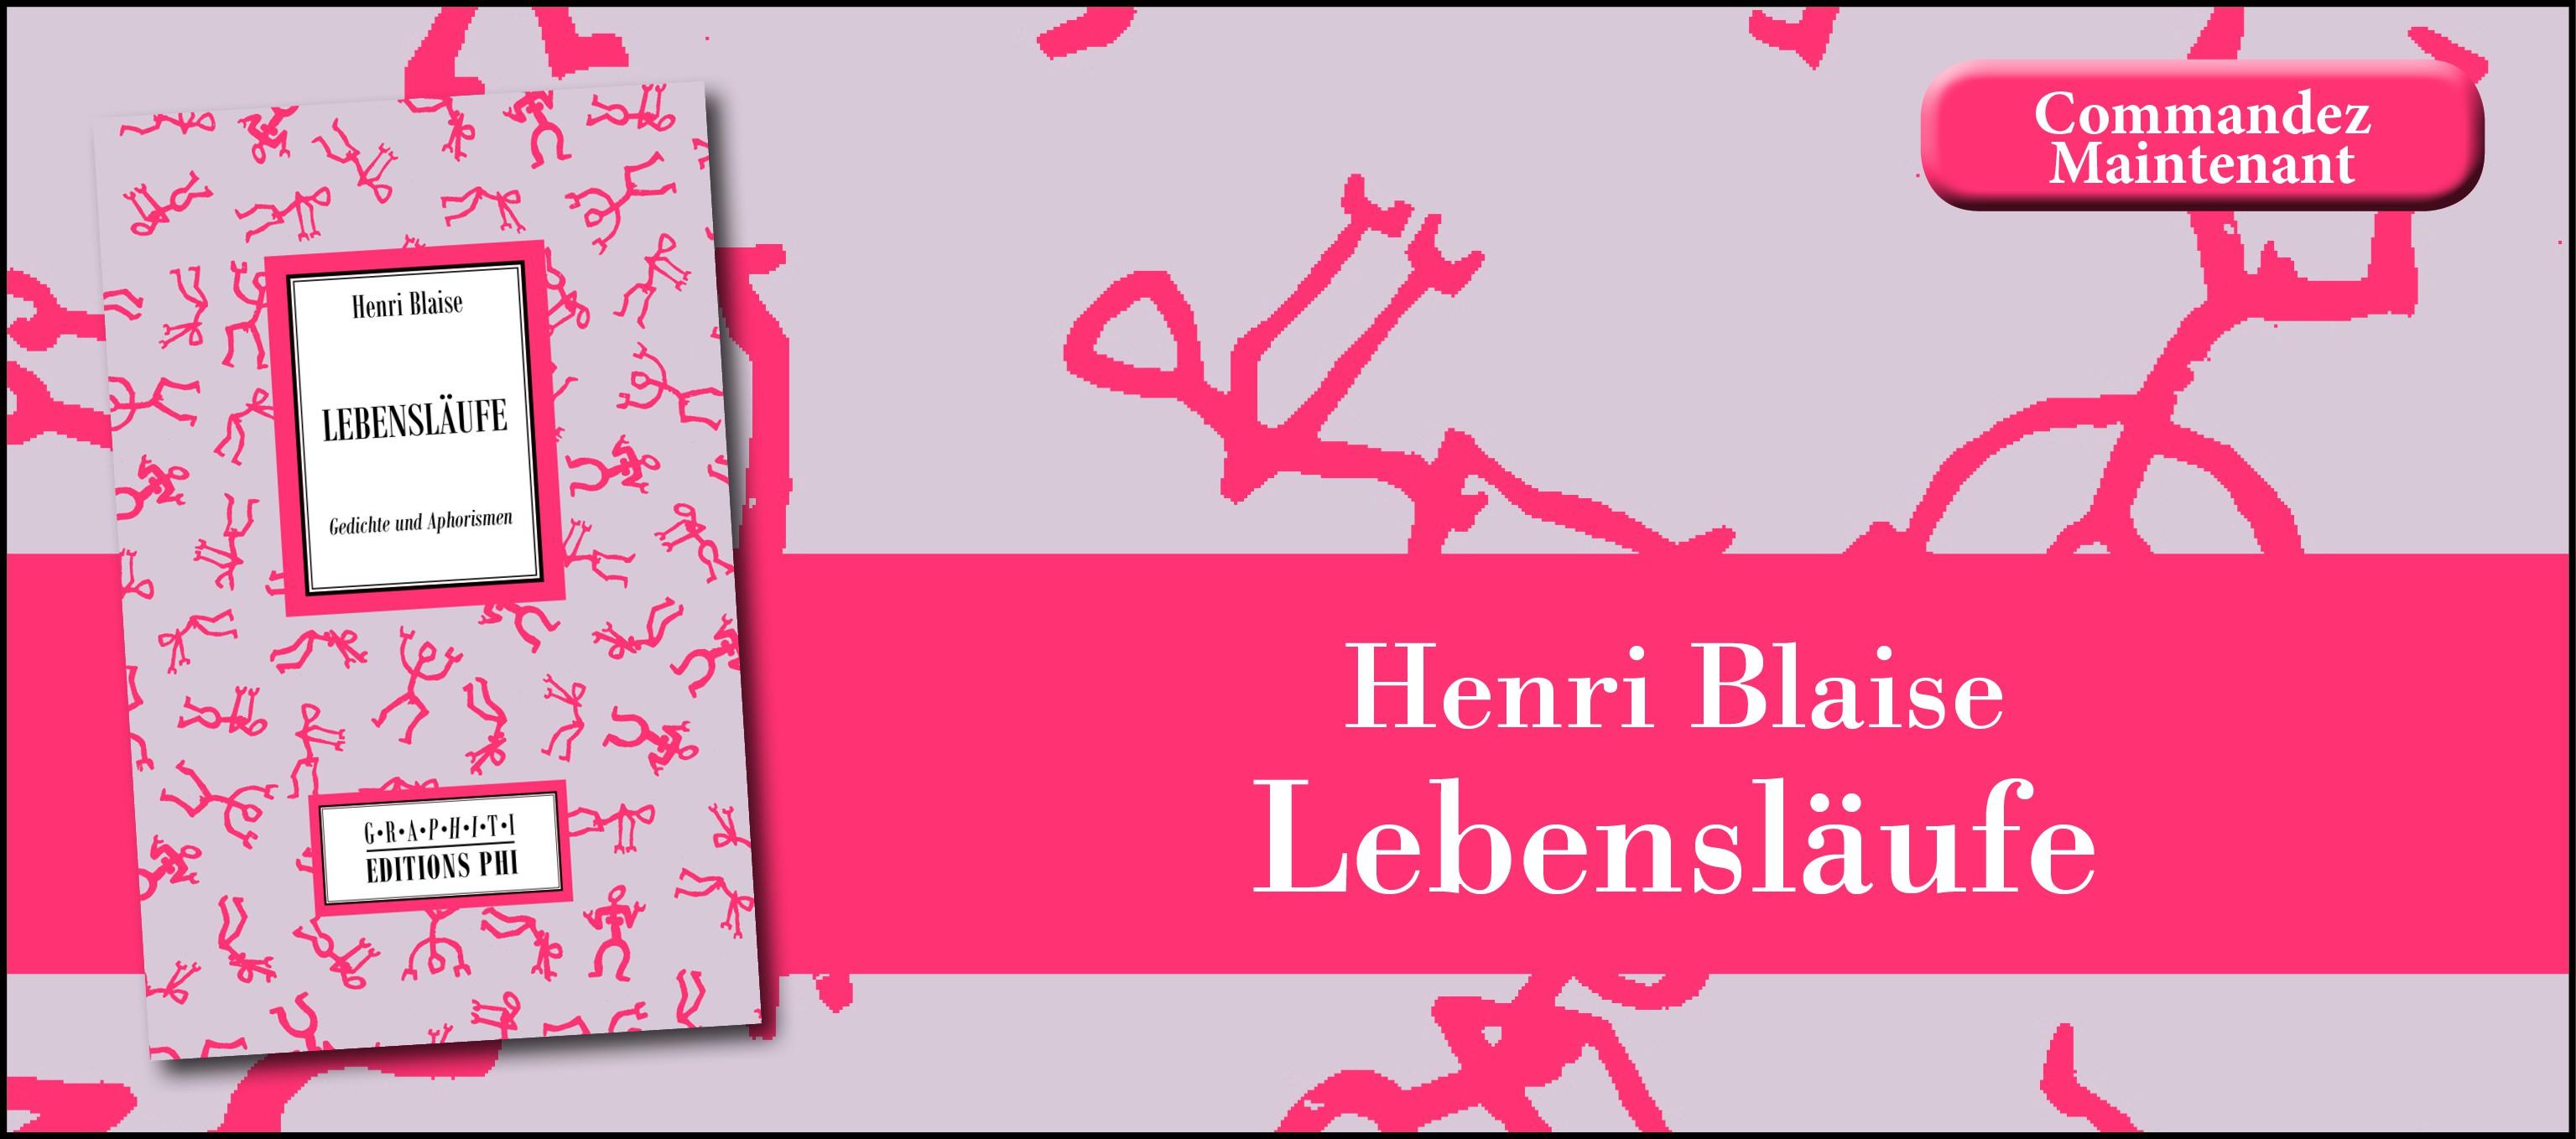 Henri Blaise: Lebensläufe